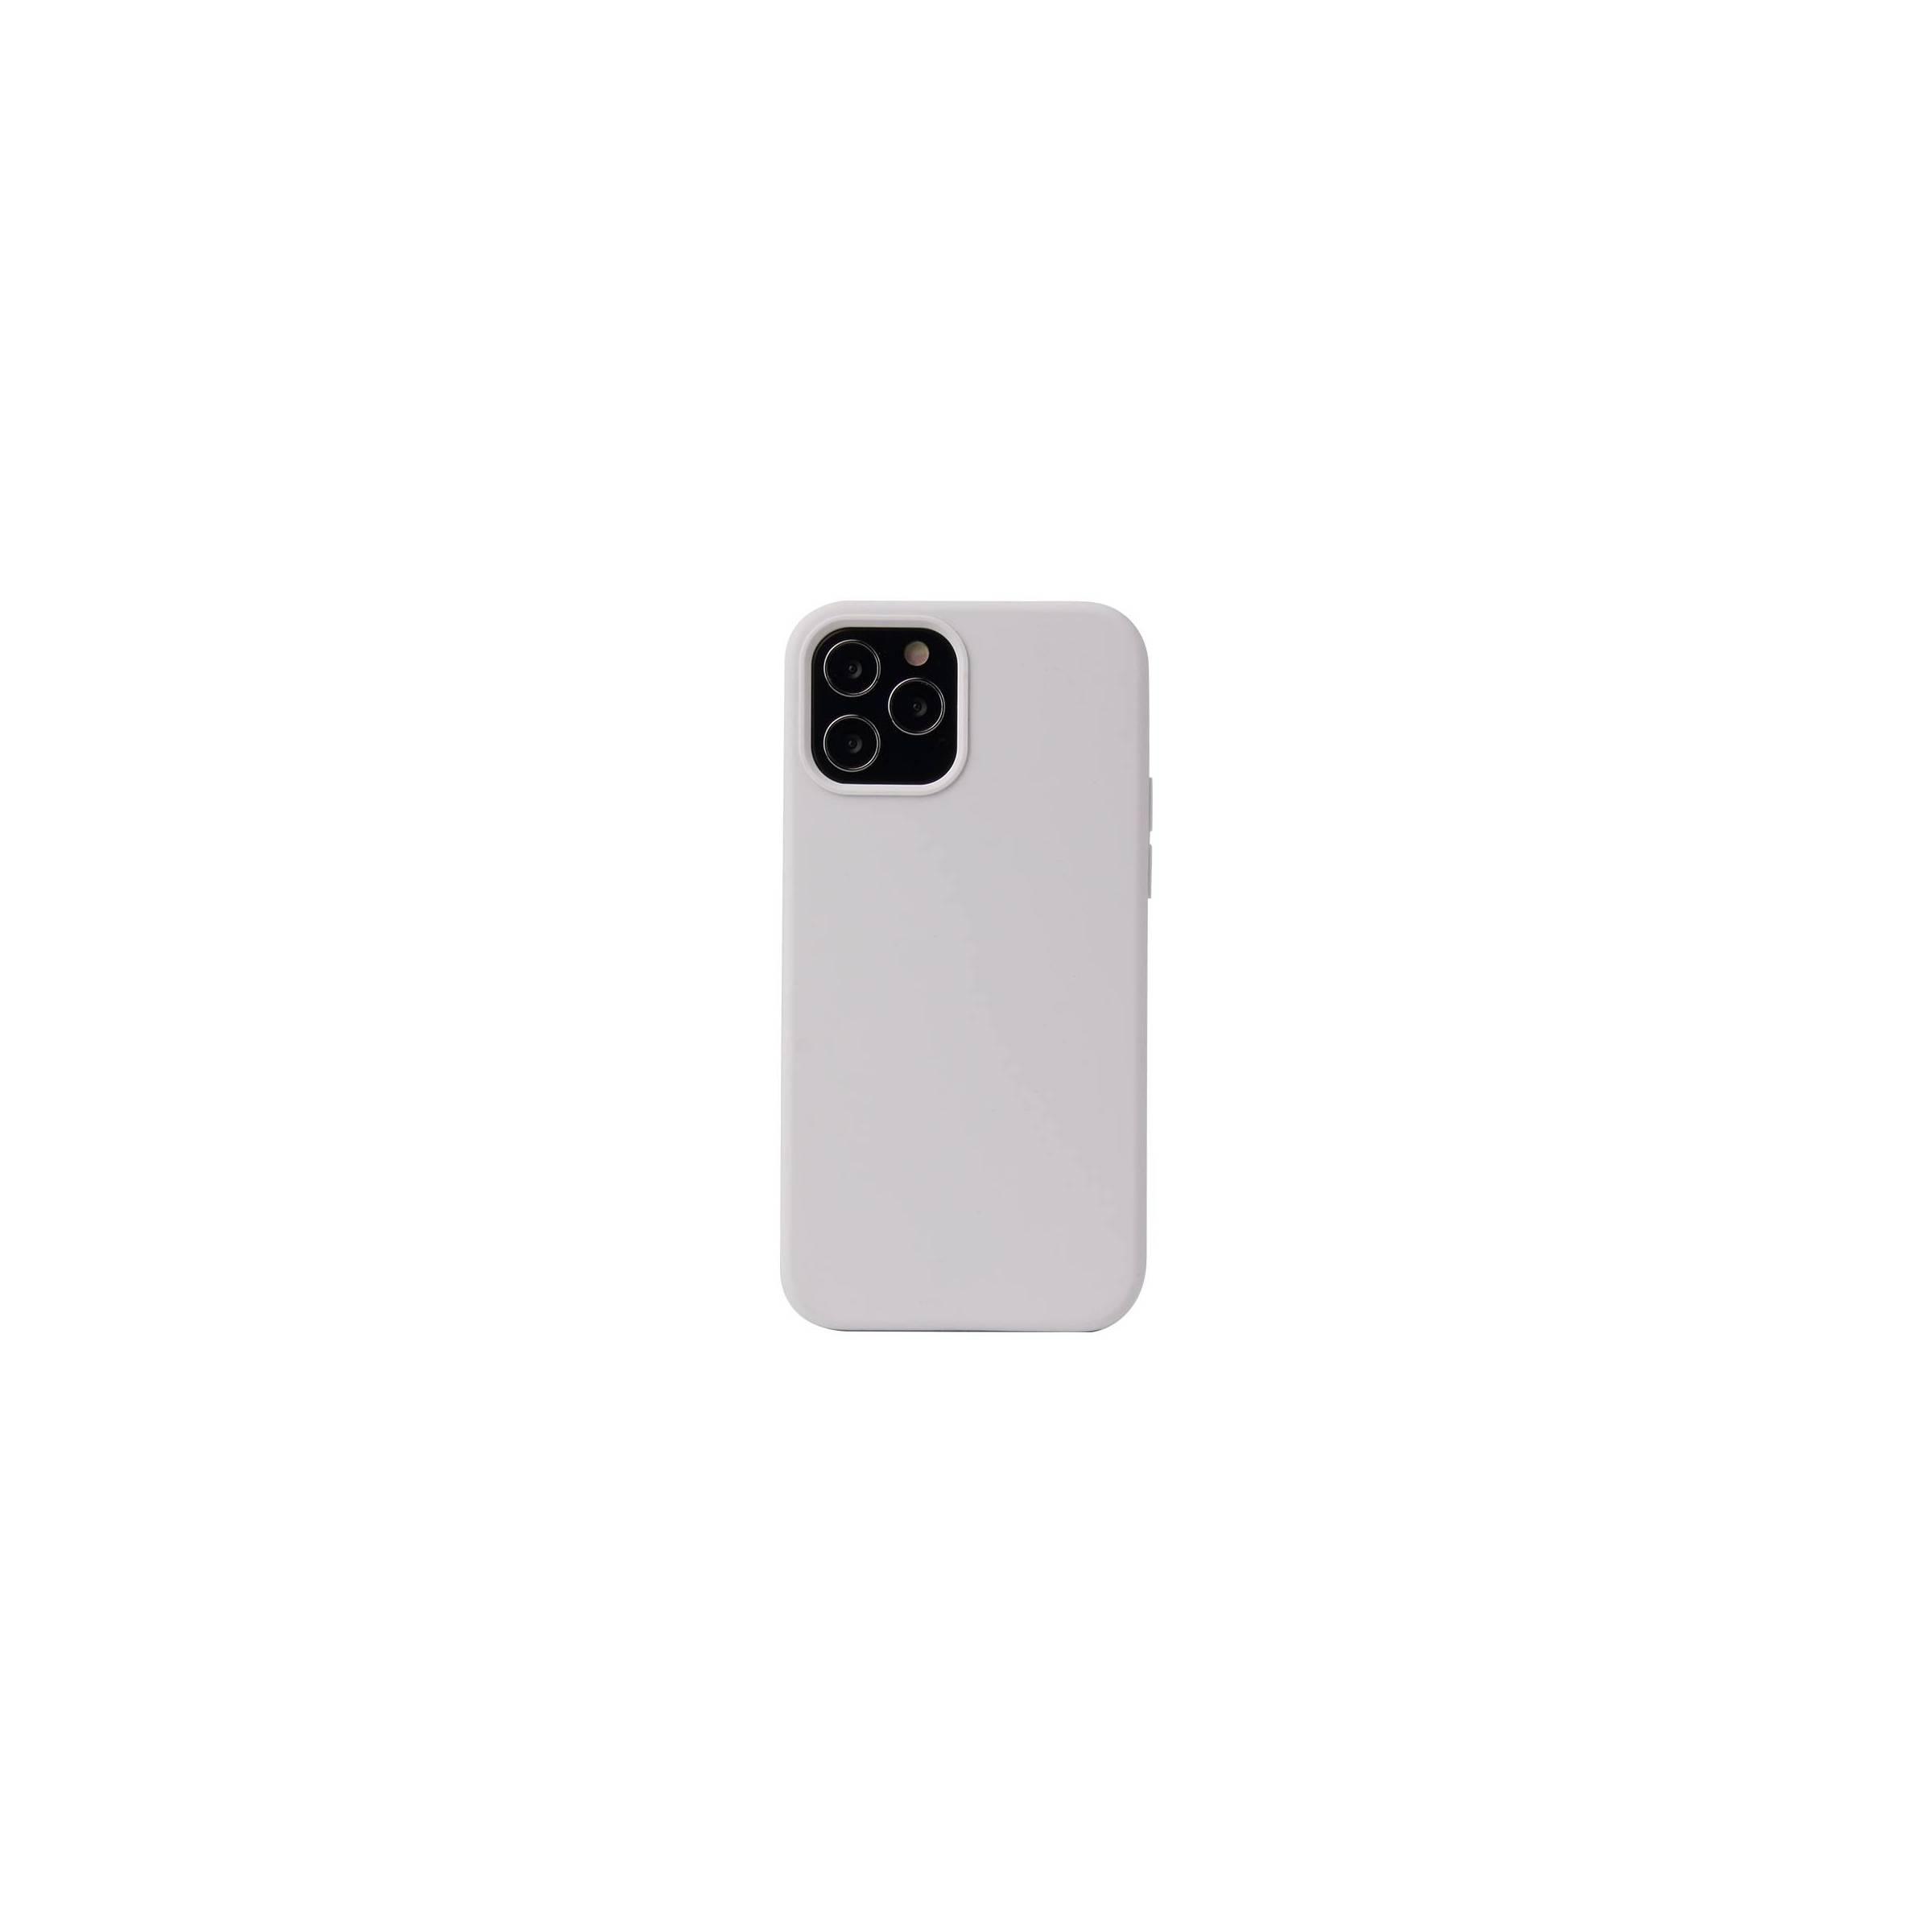 """kina oem Lækkert iphone 12 mini silikone cover 5,4"""" flere farver farve hvid på mackabler.dk"""